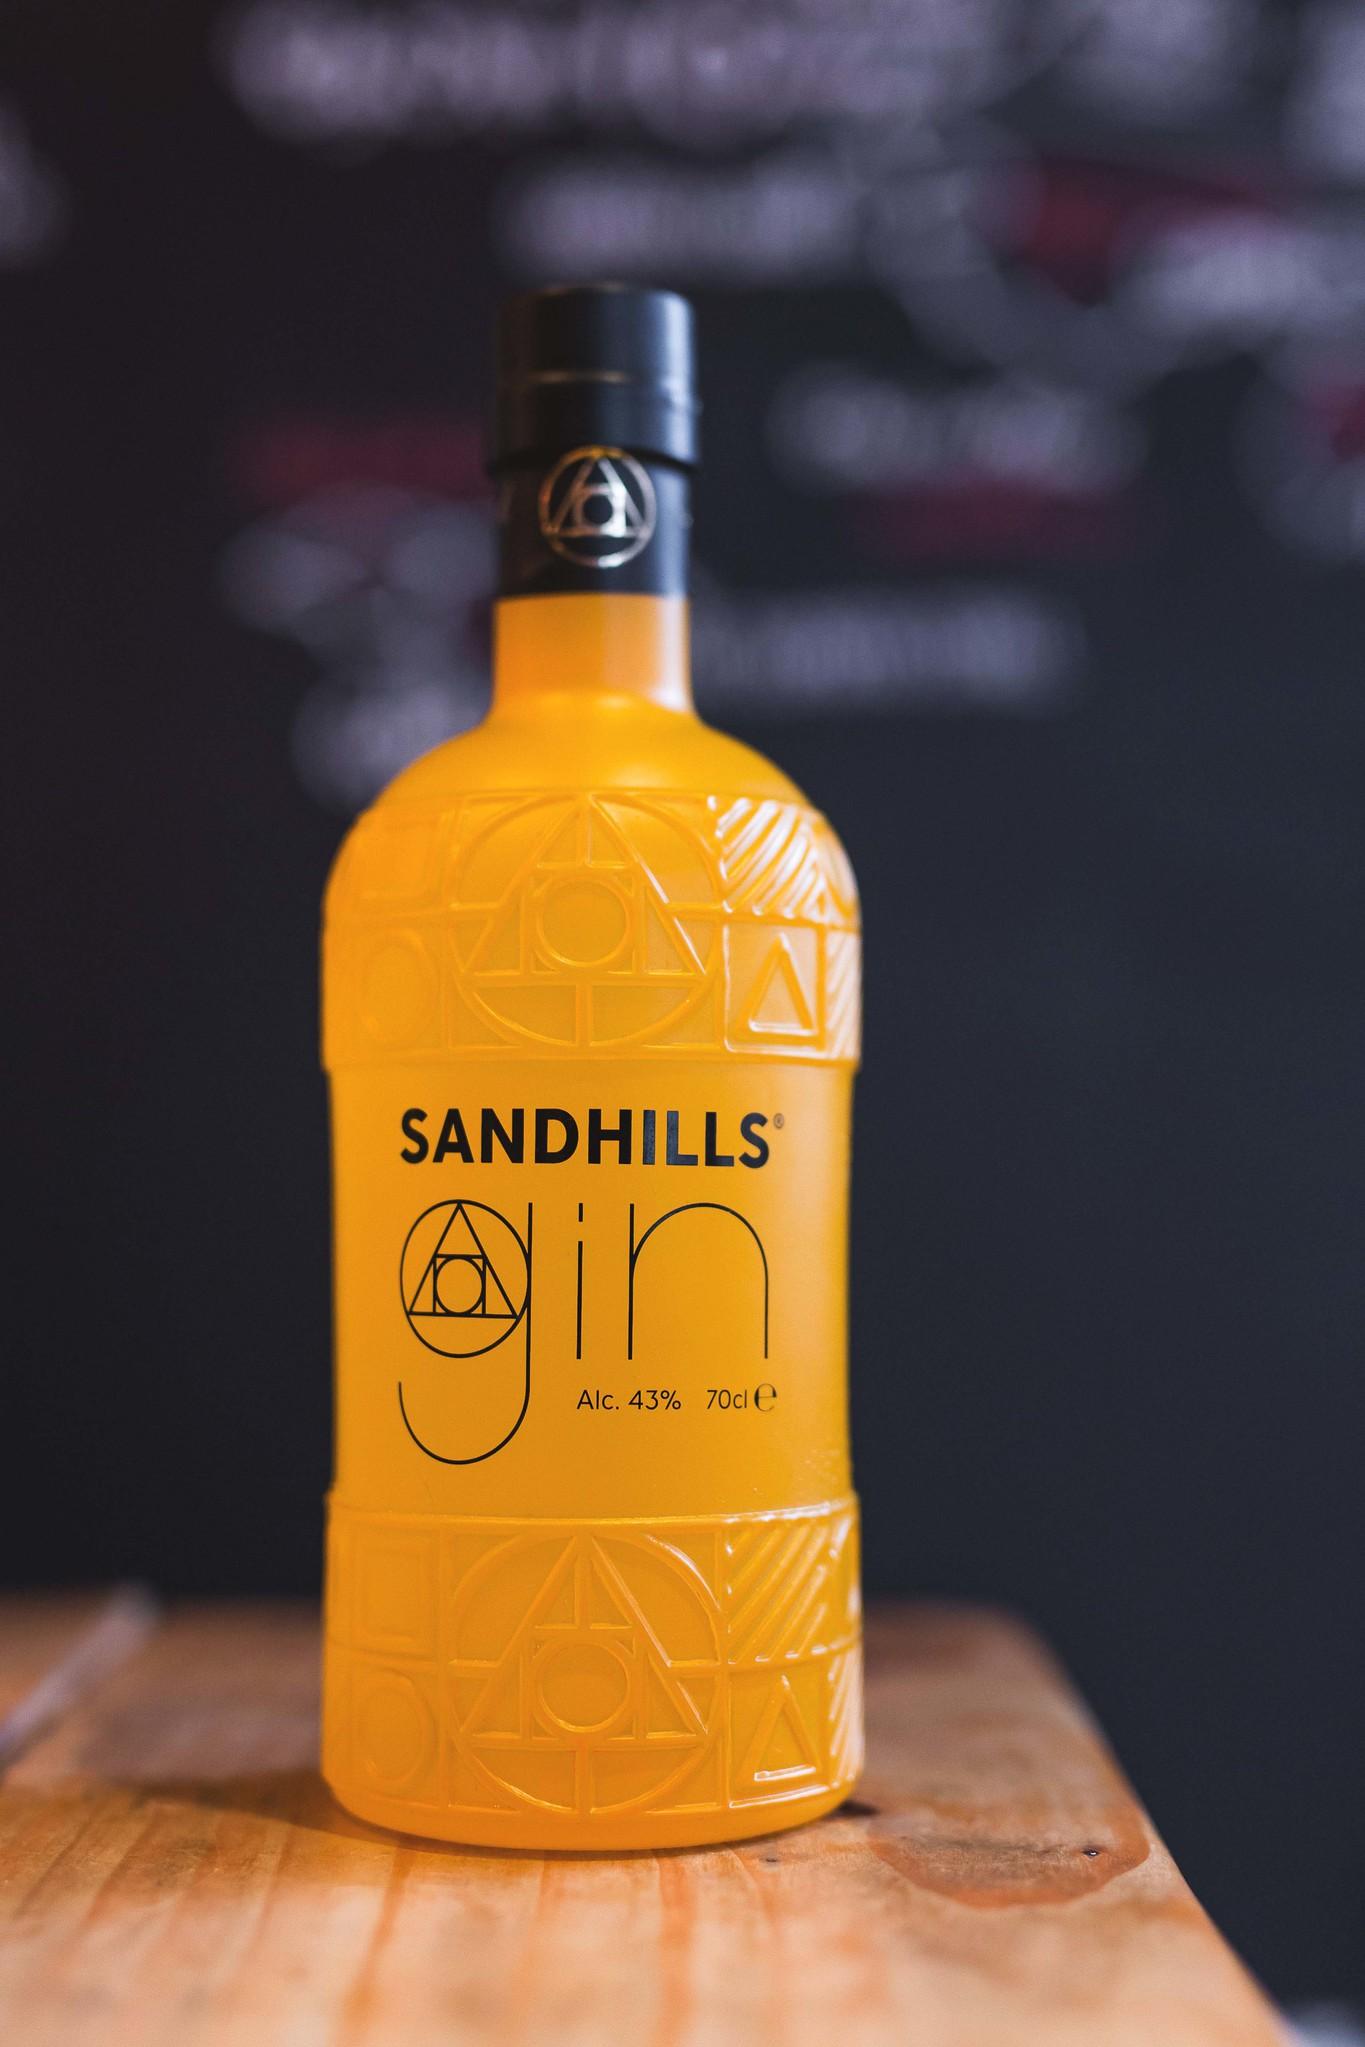 Sandhills Gin